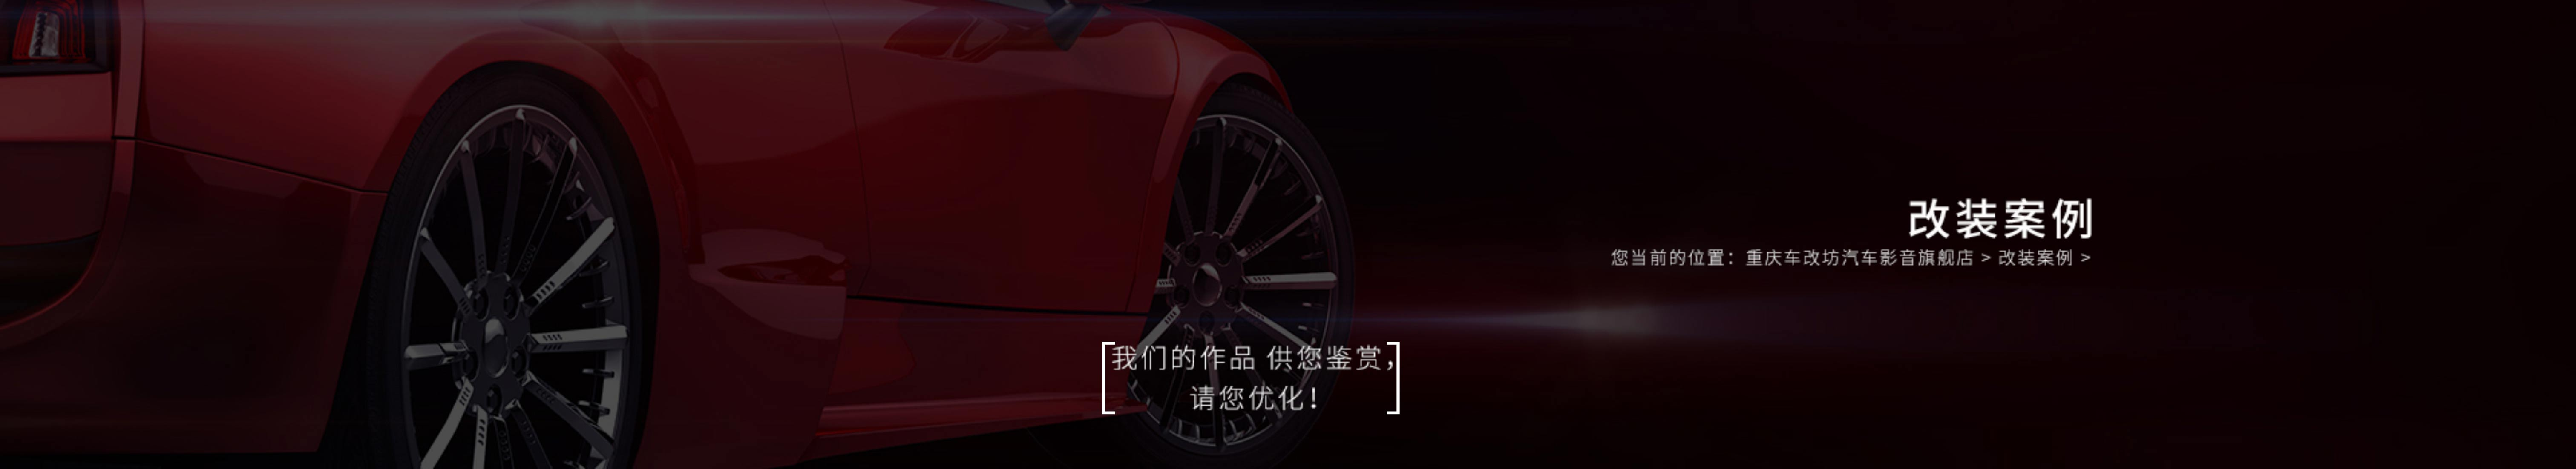 重庆亚博yabo下载亚博体育app苹果下载地址店